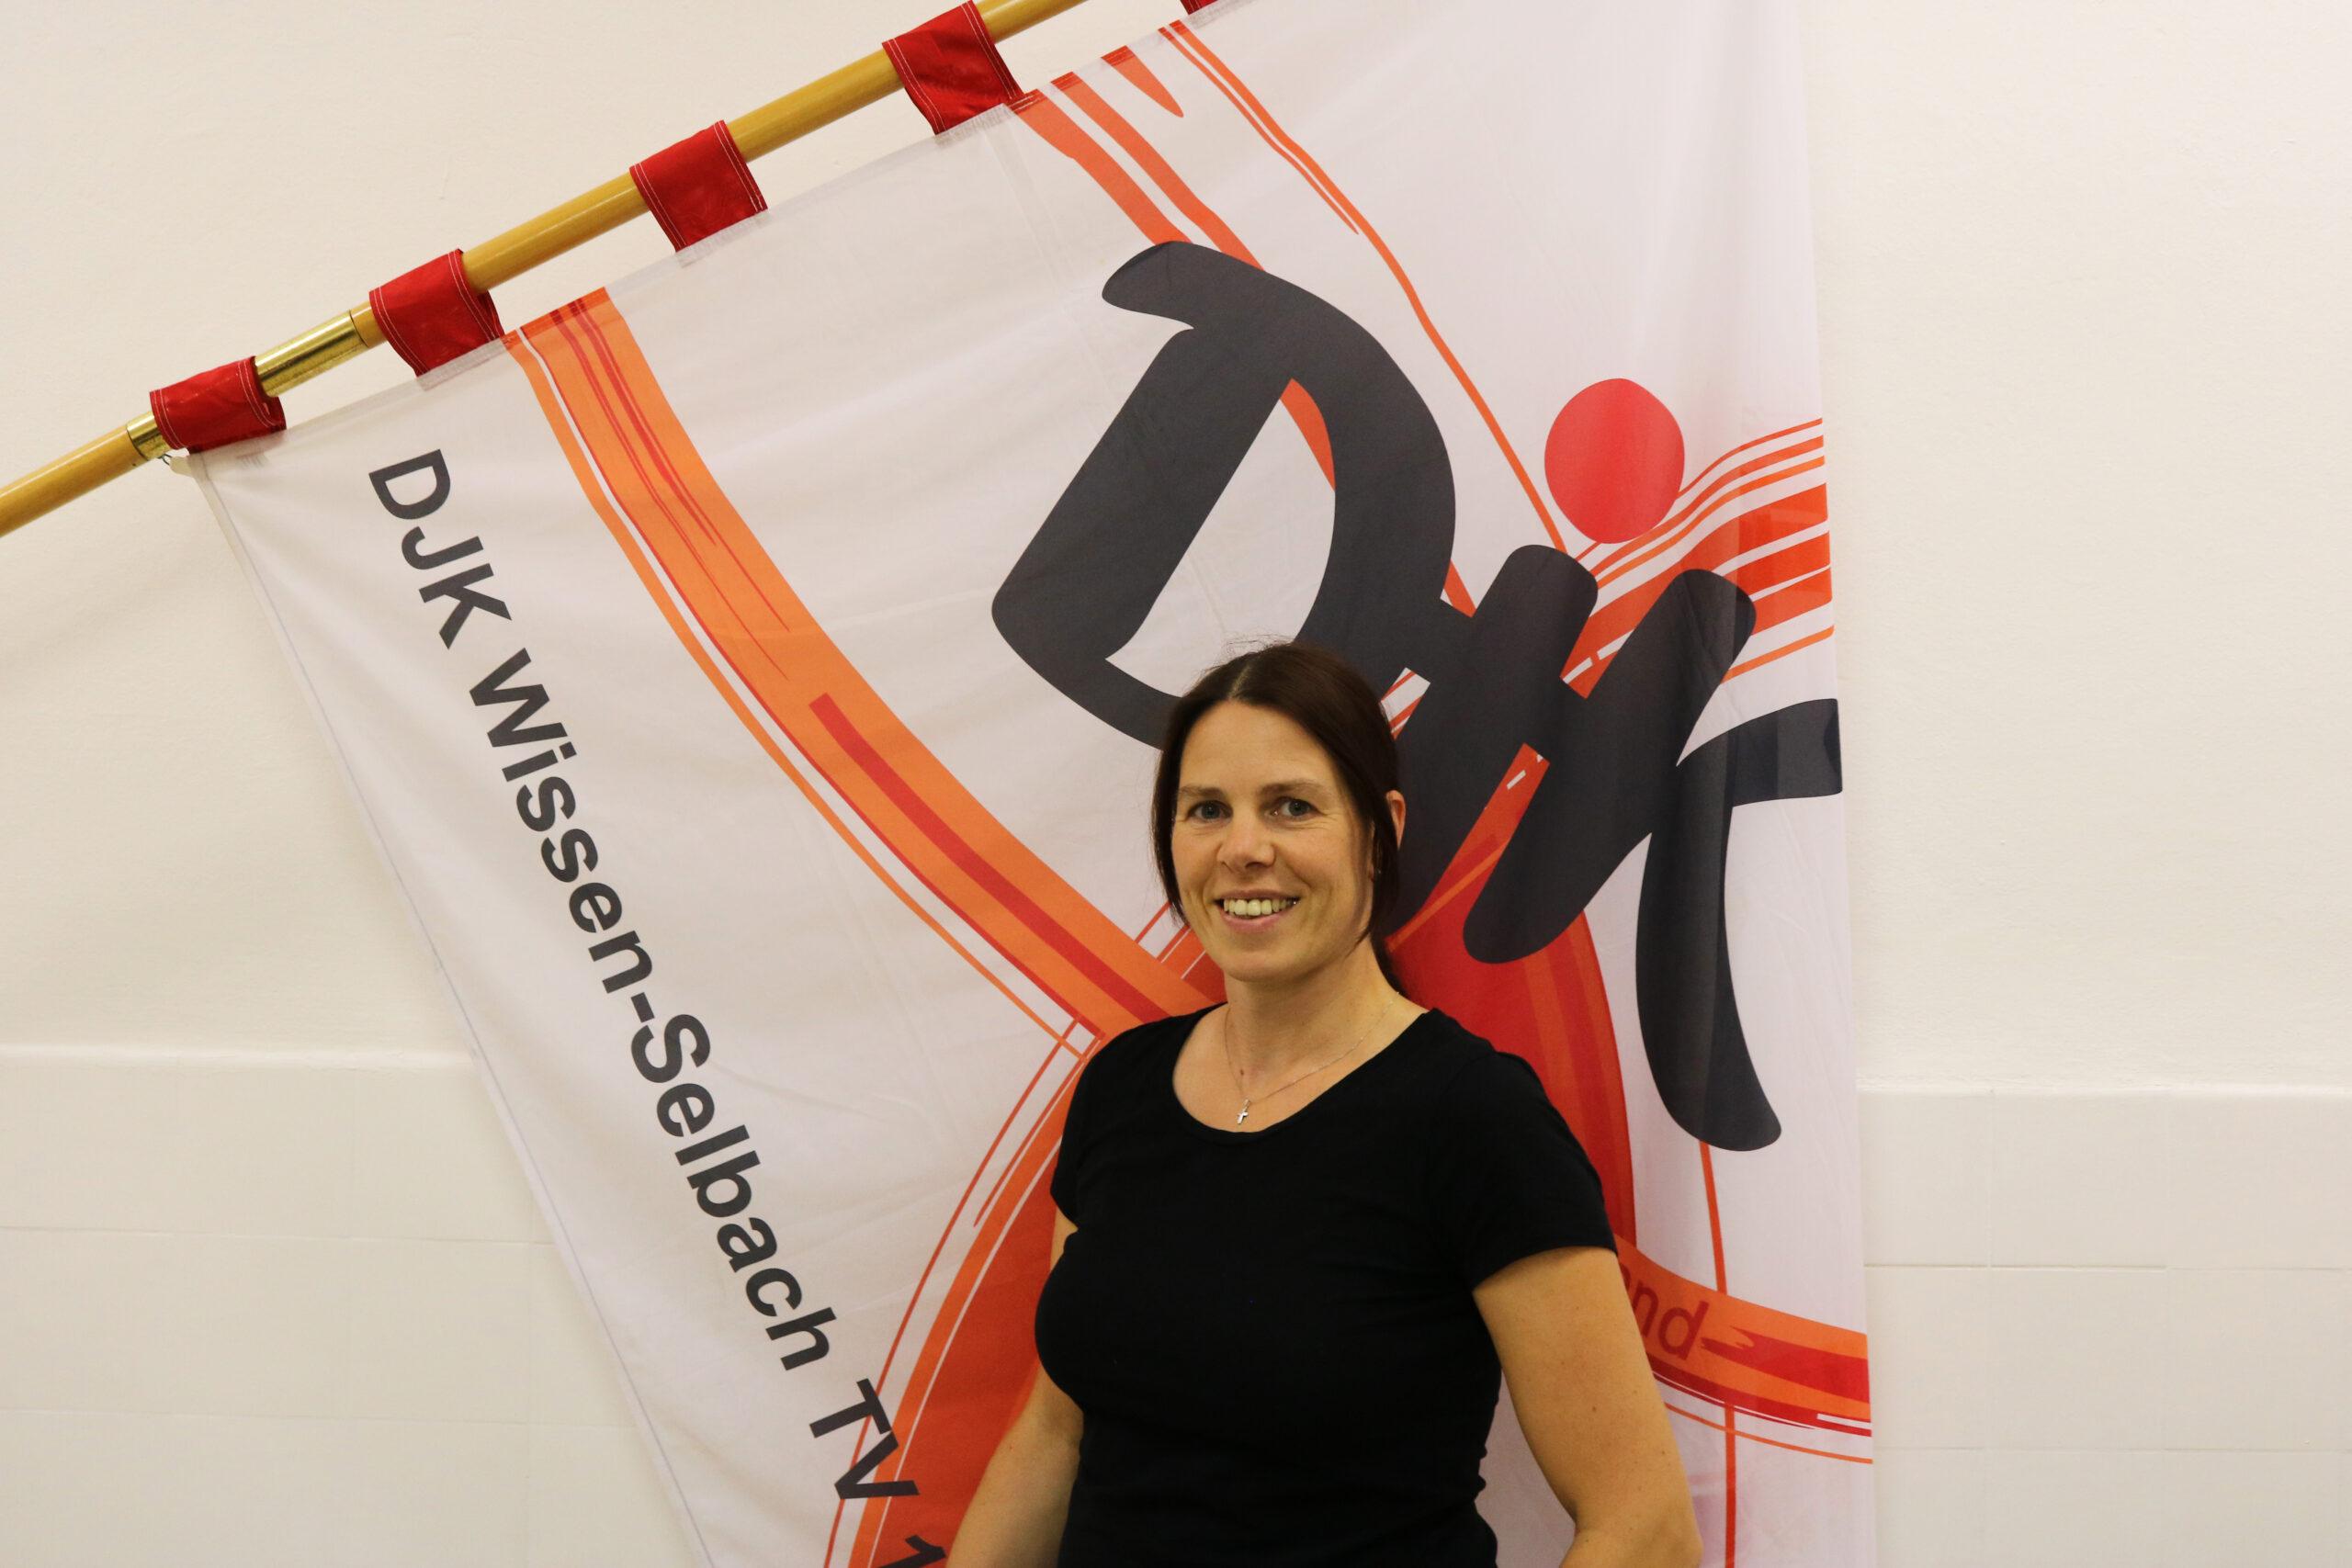 Katrin Krah